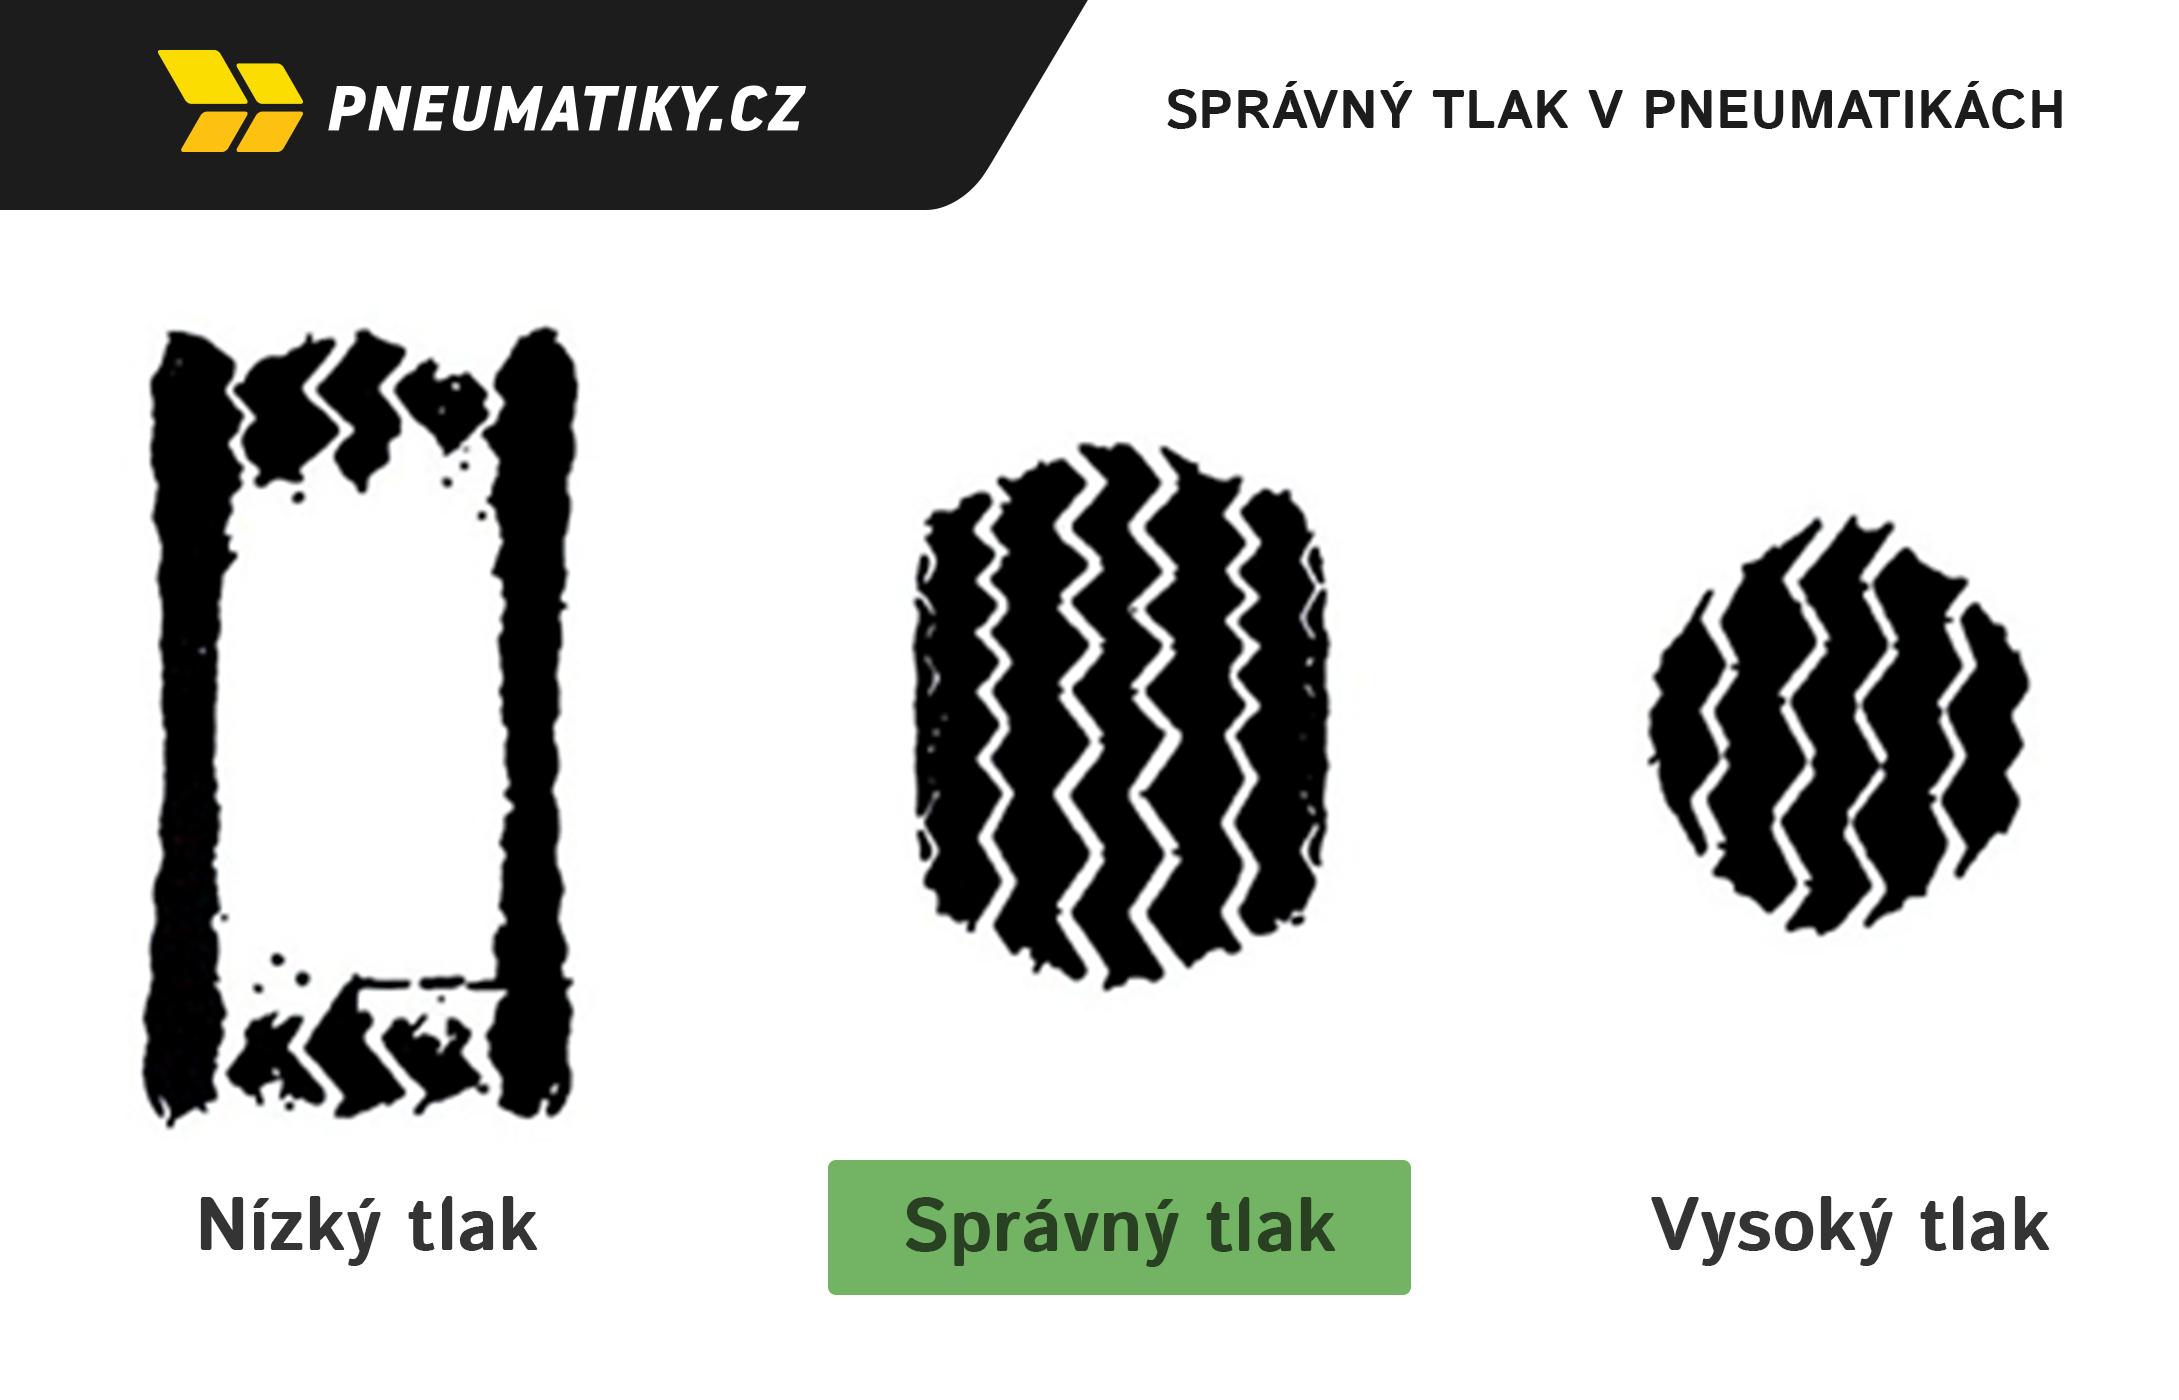 Správný tlak v pneumatice